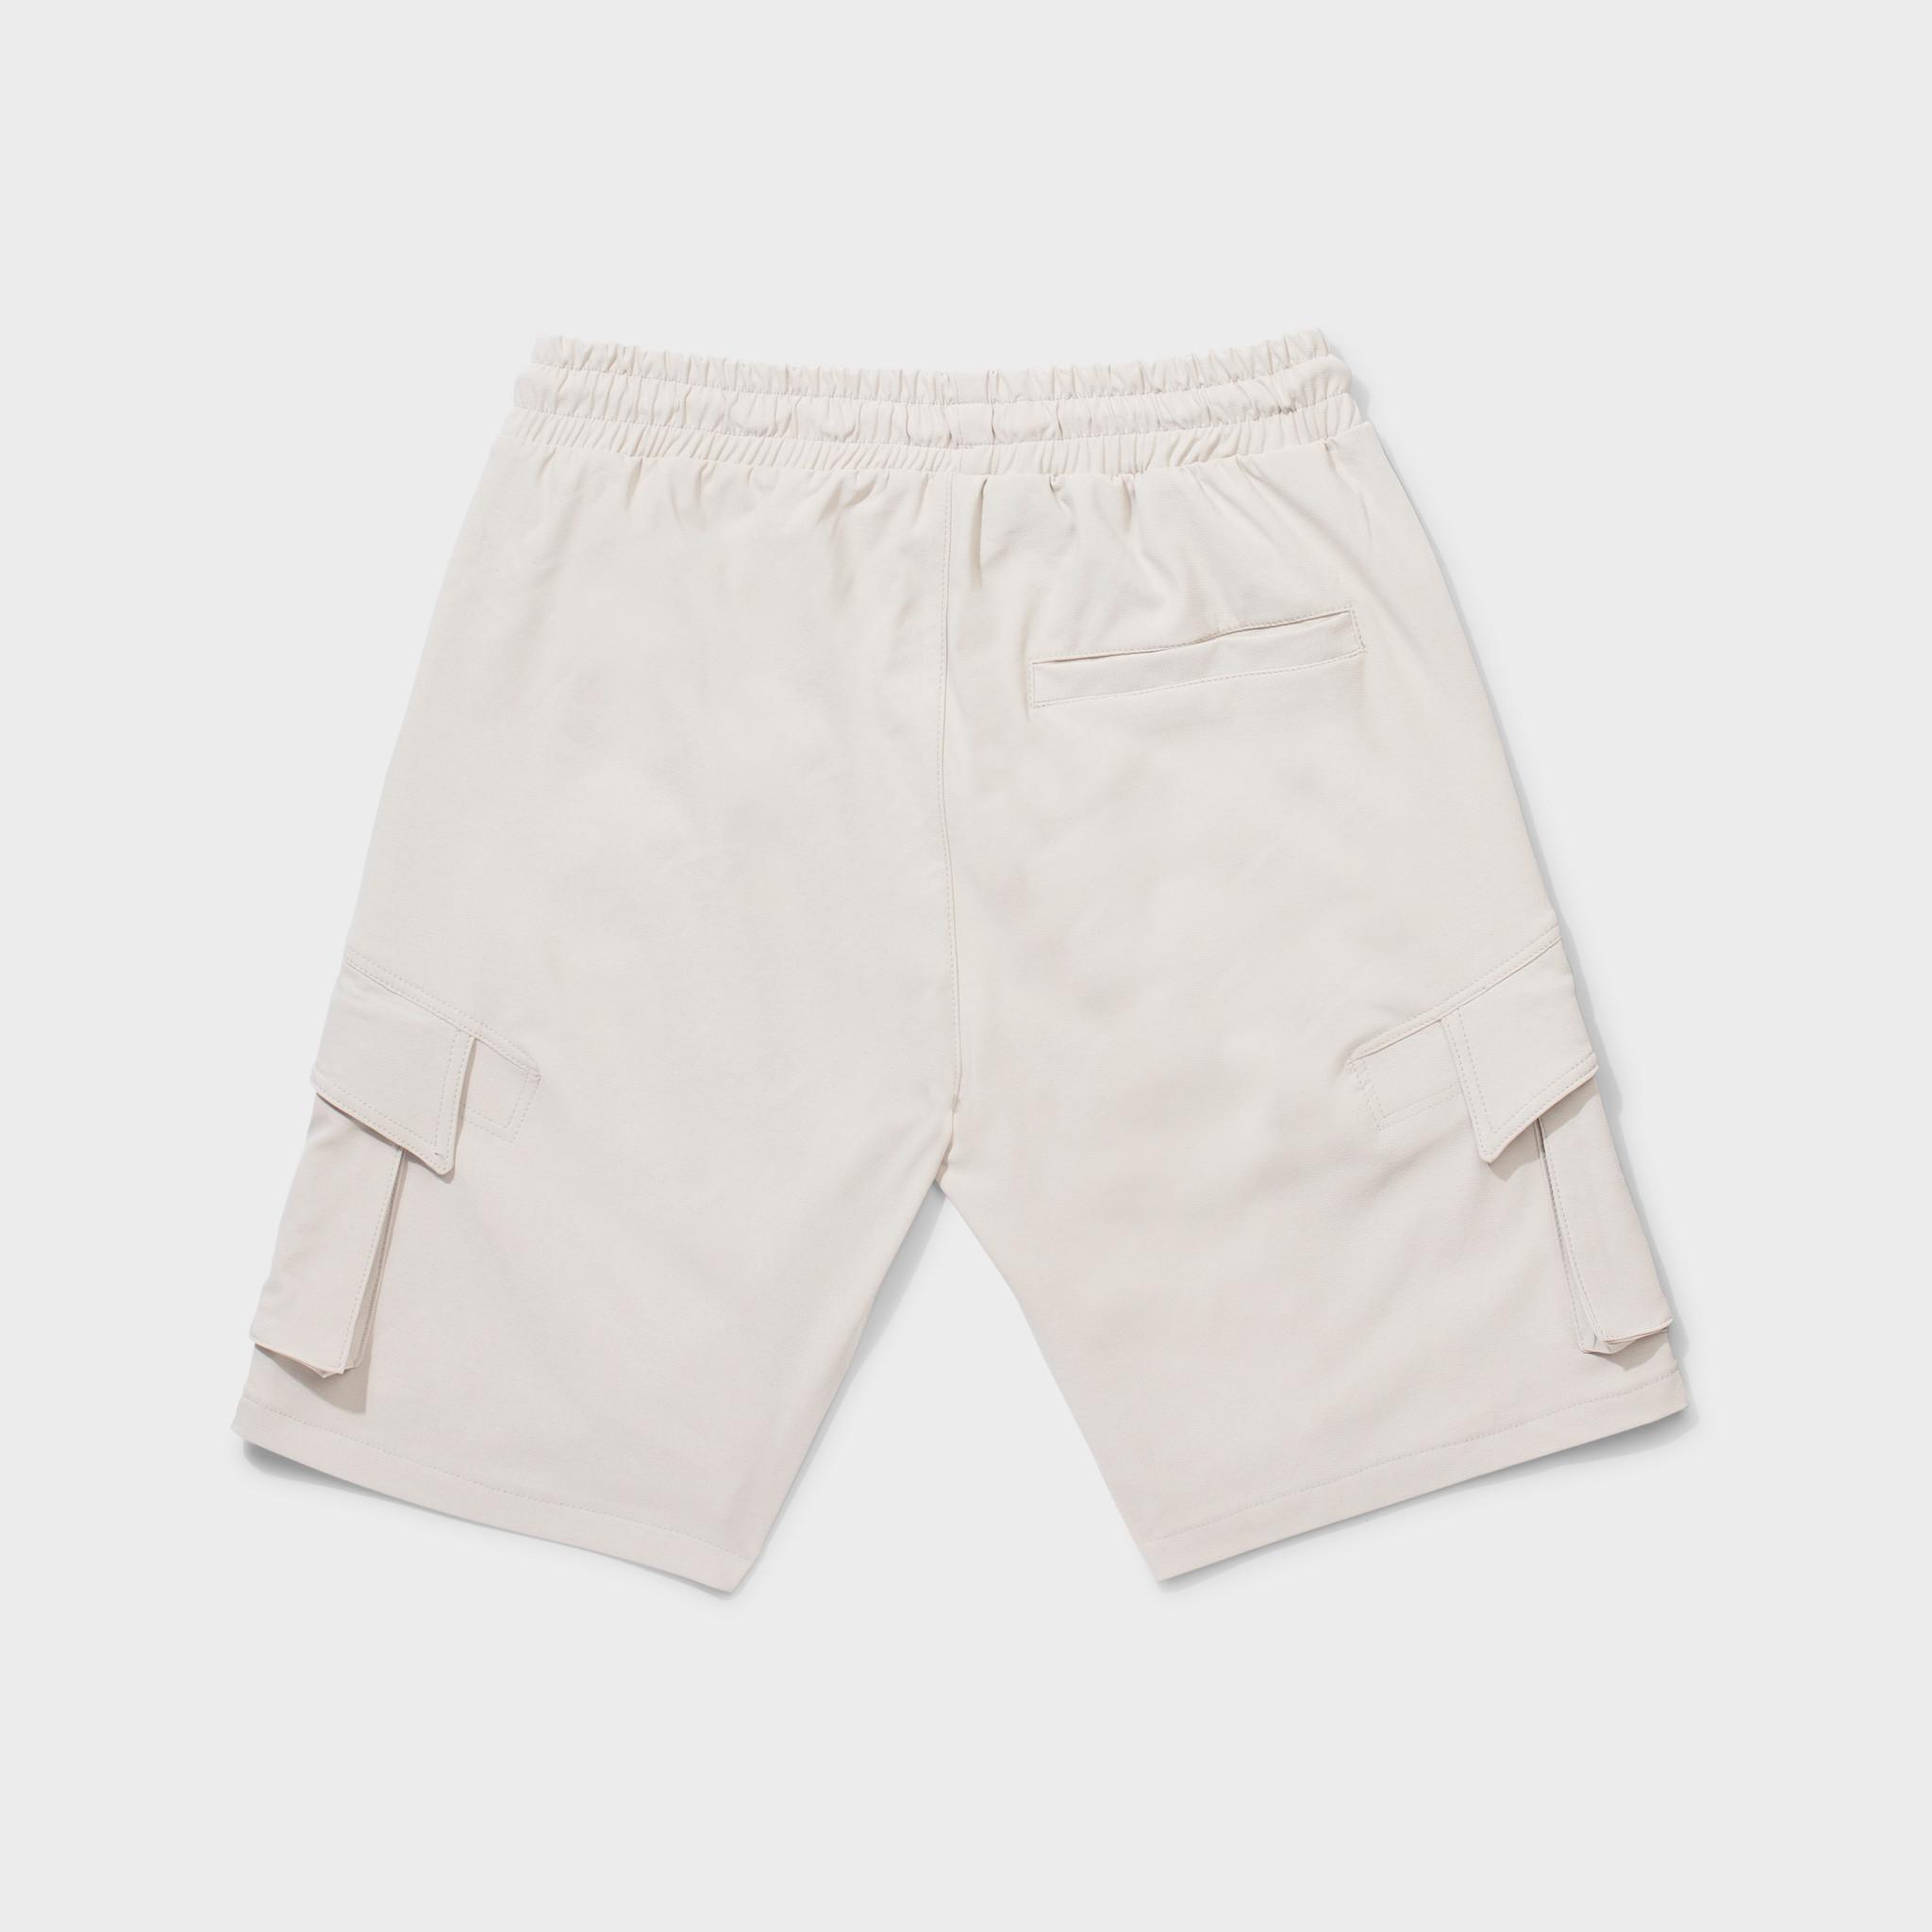 Rafa cargo shorts beige-2